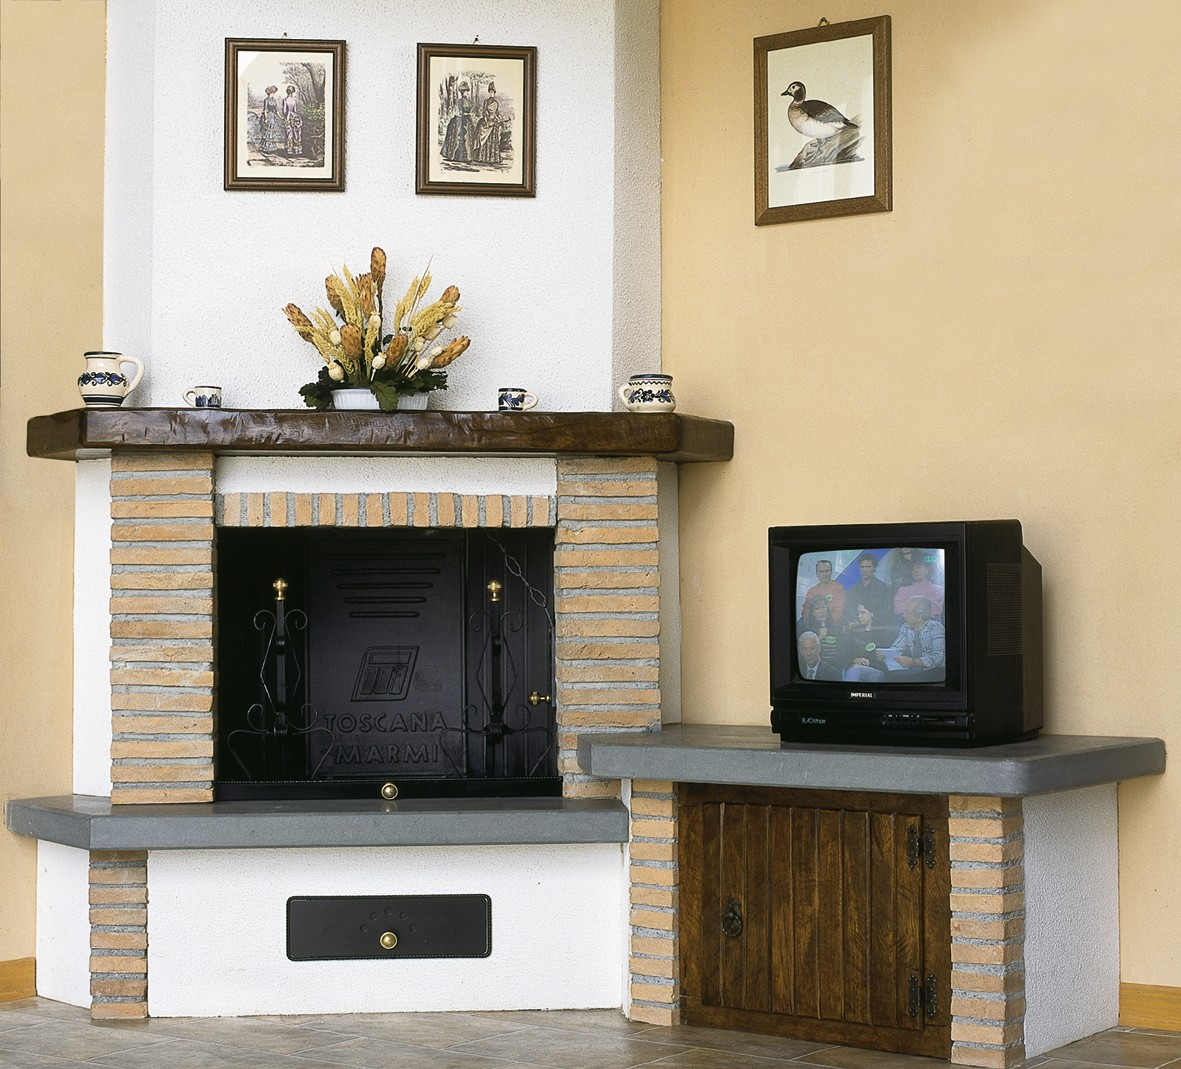 Caminetto forno caminetto rustico 597 toscana marmi for Piano anteriore del camino